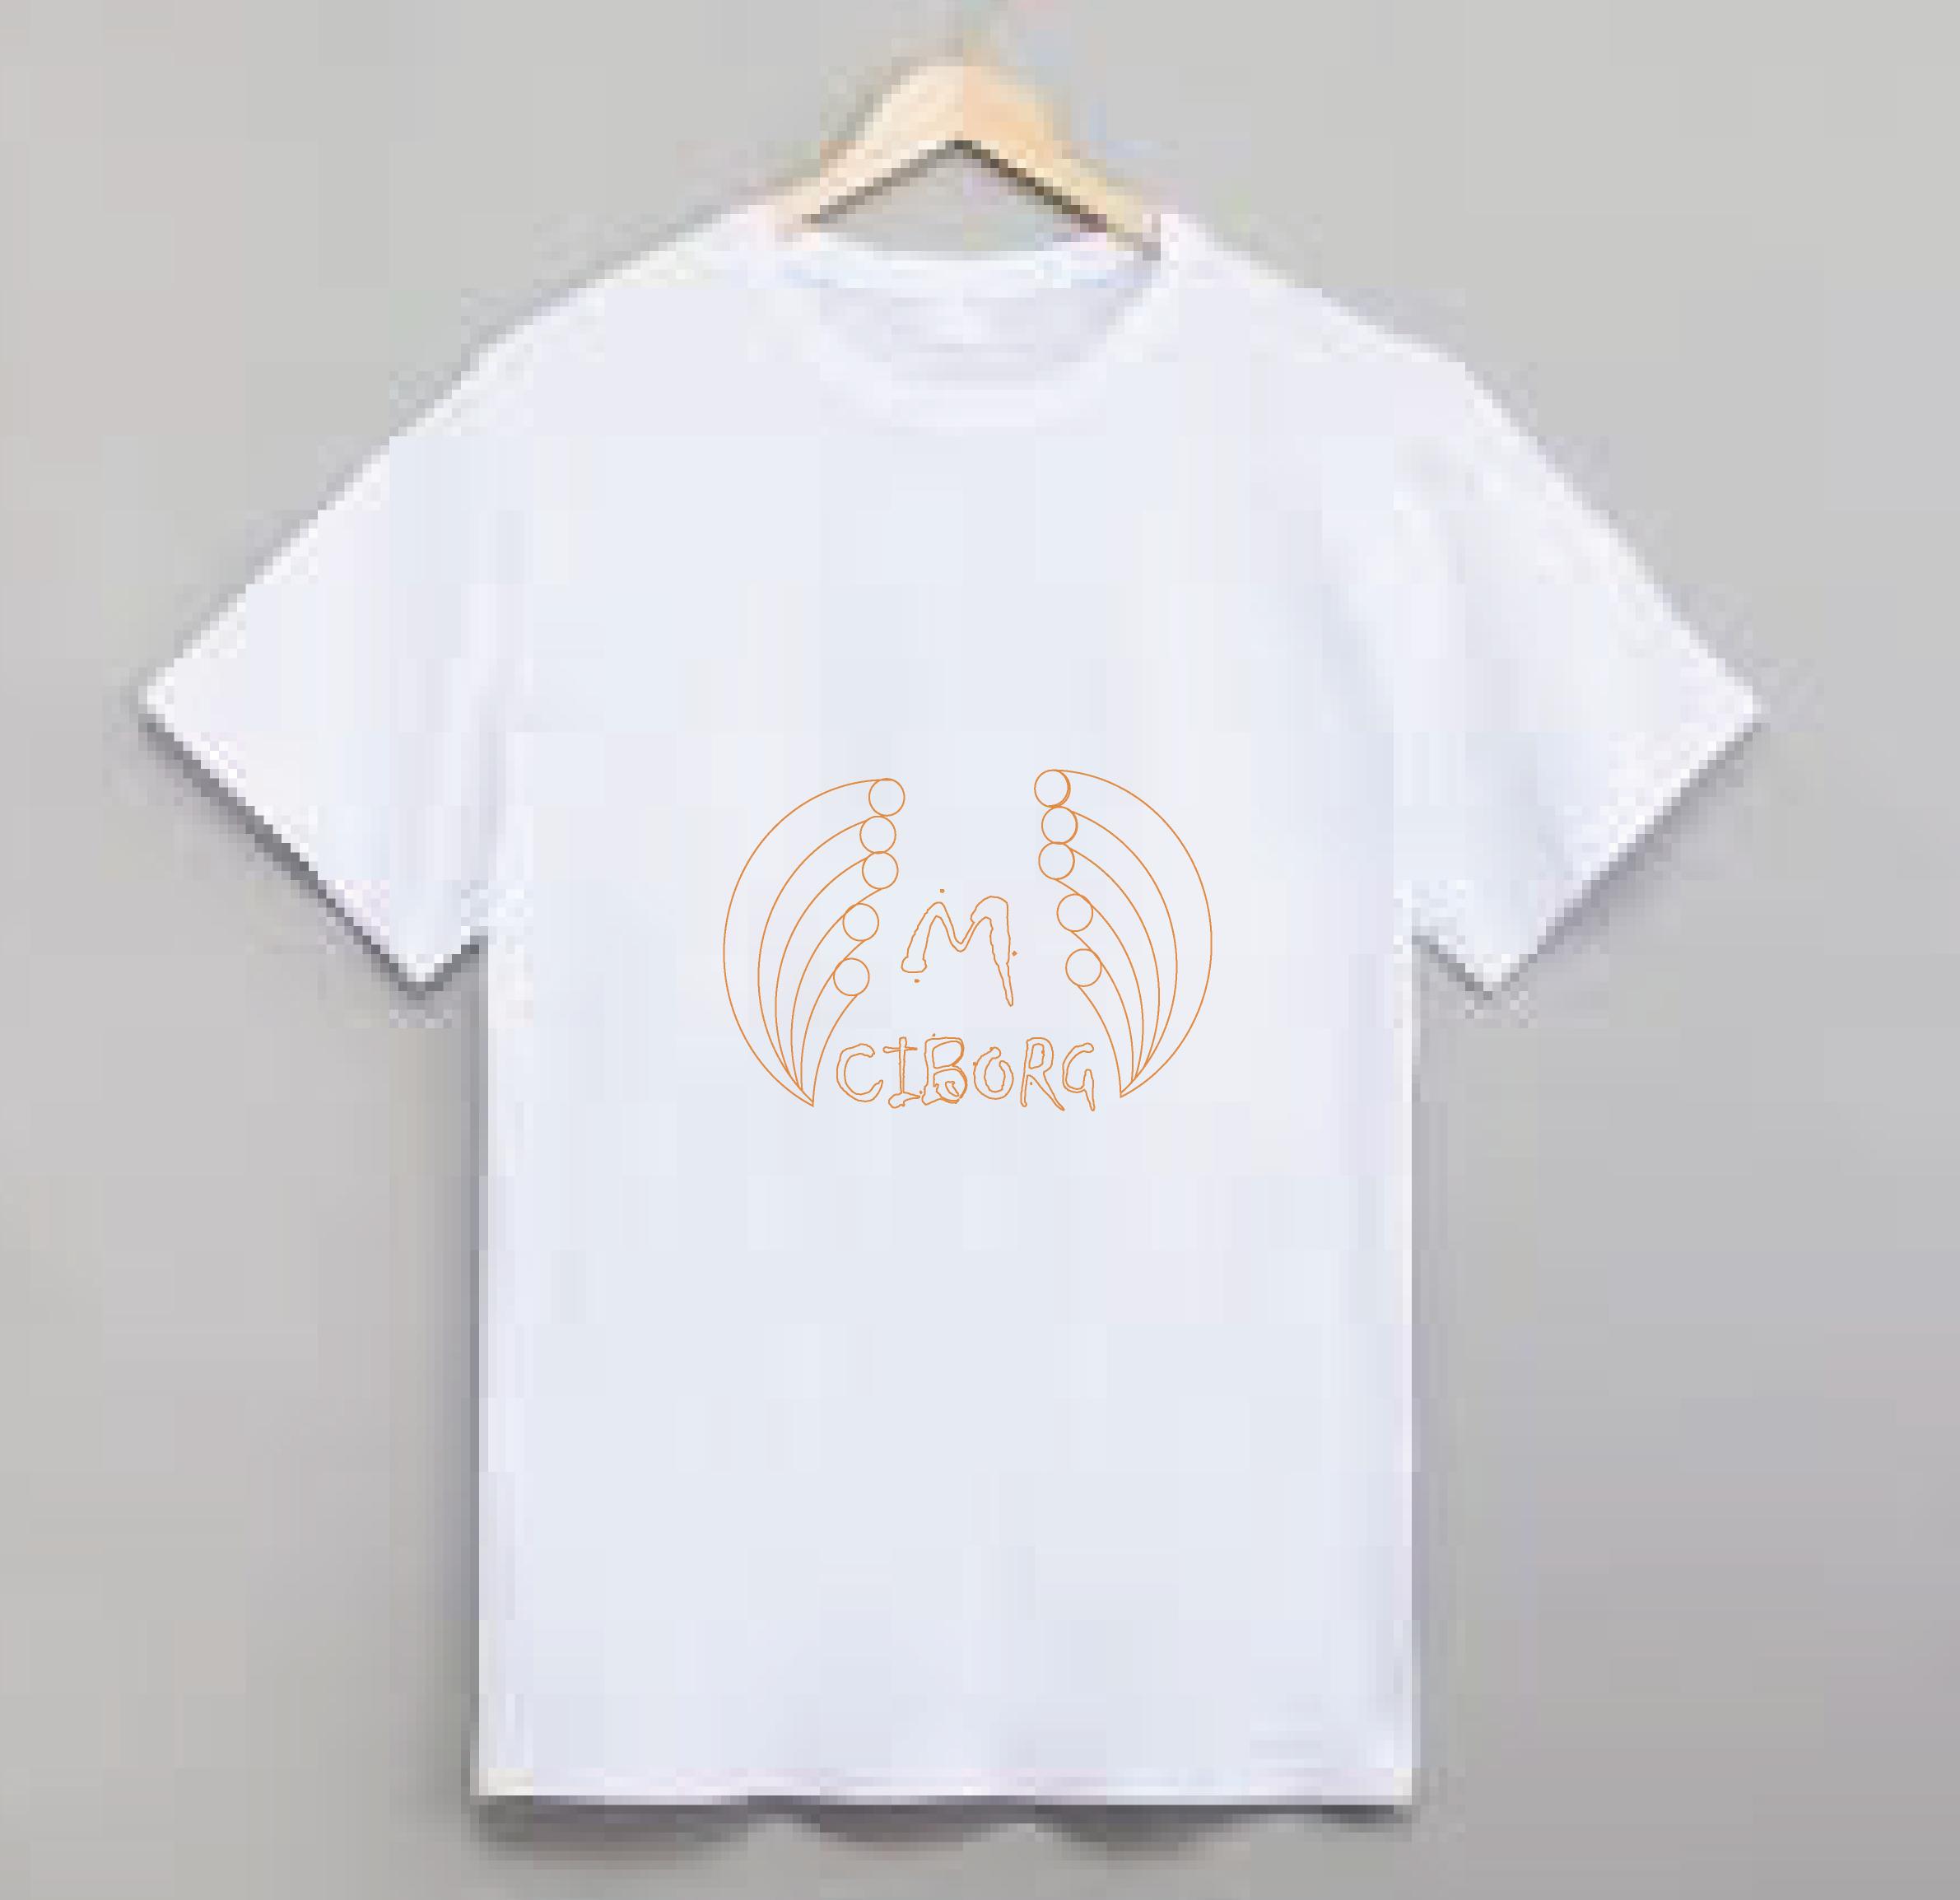 Нарисовать принты на футболки для компании Моторика фото f_86160a1bce9dd8a1.png